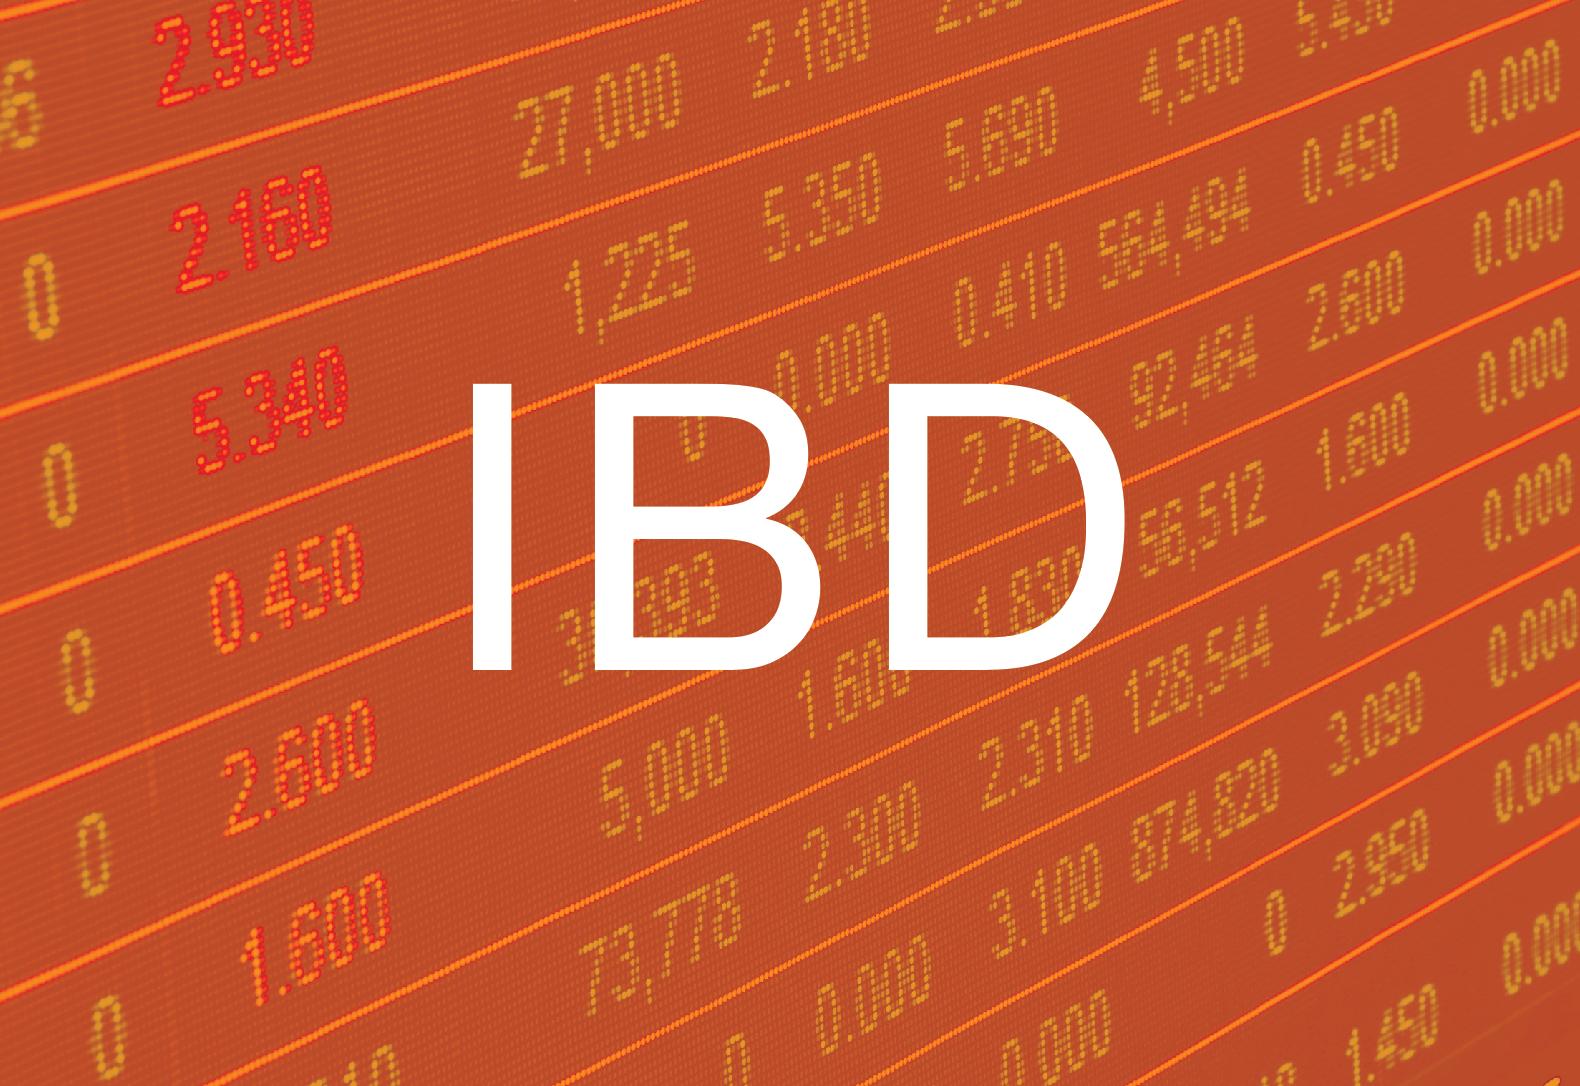 IBD acronym